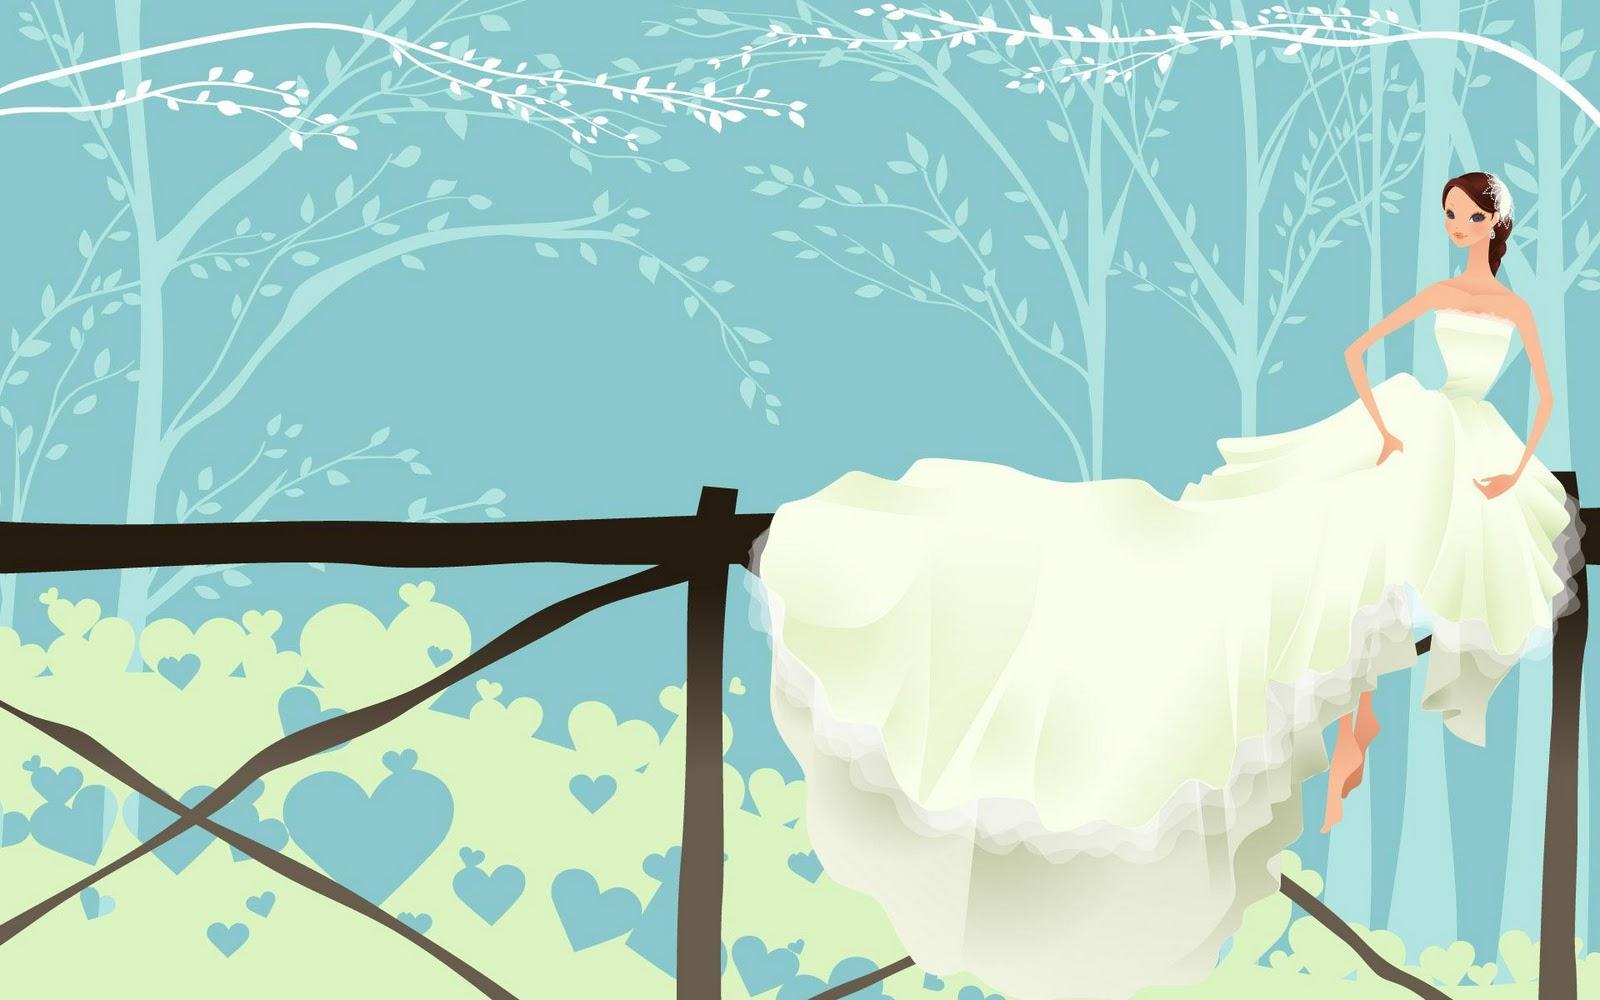 Cute Wedding HD background